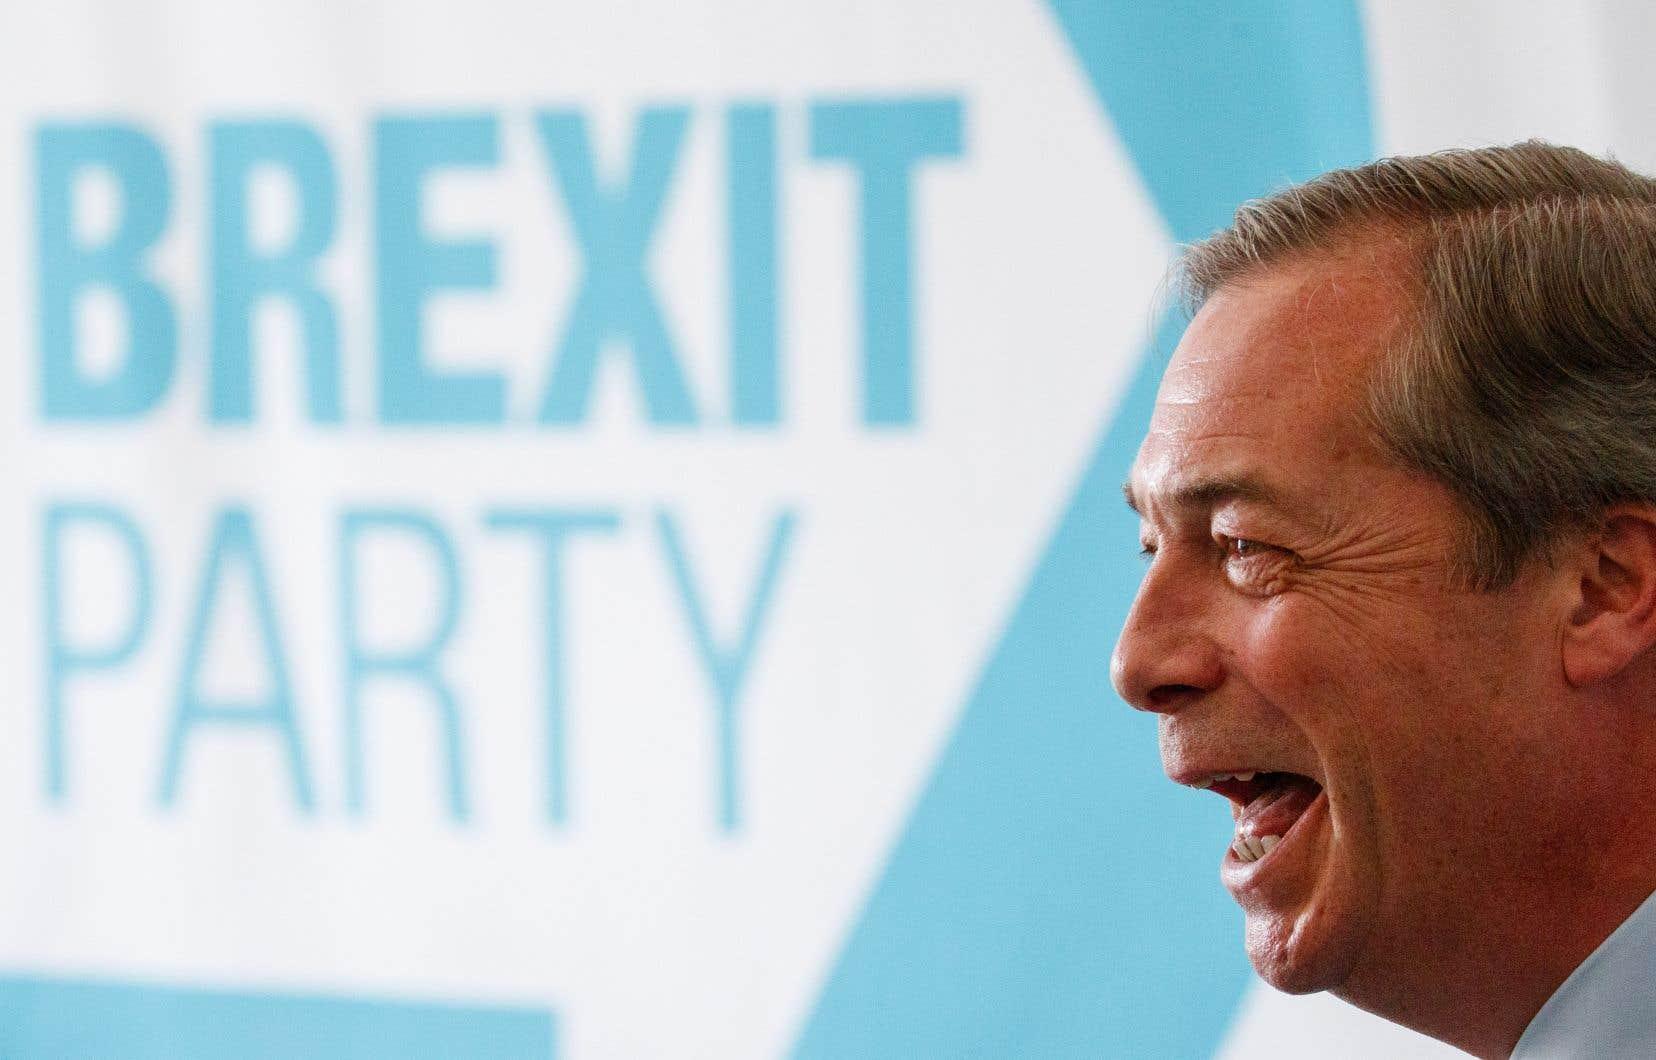 NigelFarage espère connaître le même succès que certains mouvements populistes dont il dit s'inspirer.